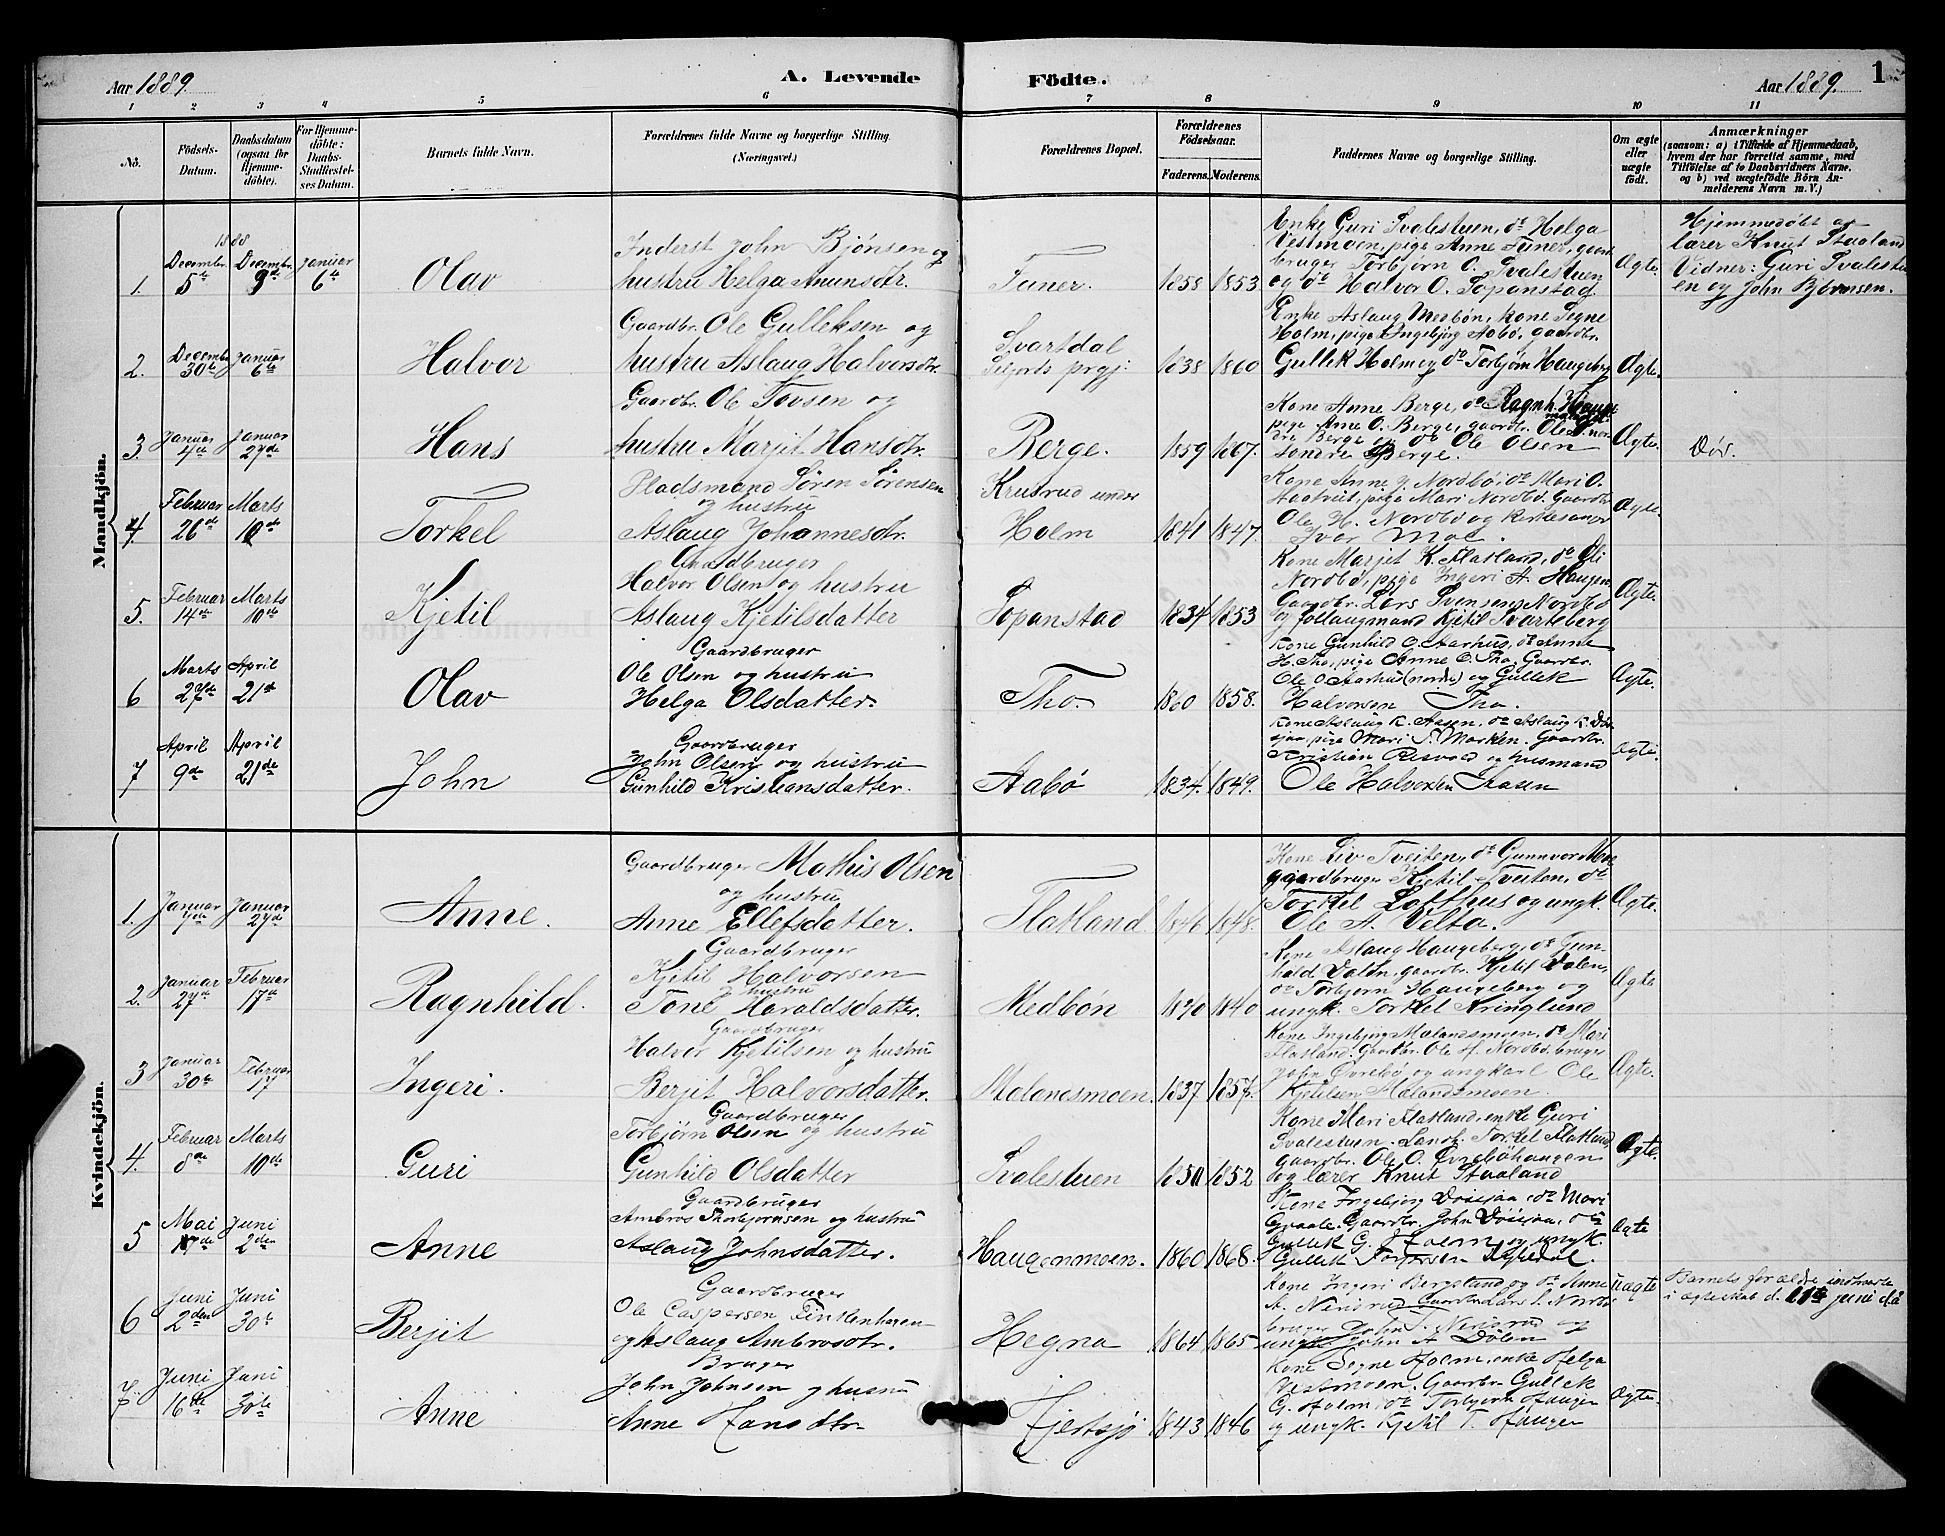 SAKO, Hjartdal kirkebøker, G/Ga/L0003: Klokkerbok nr. I 3, 1889-1896, s. 1